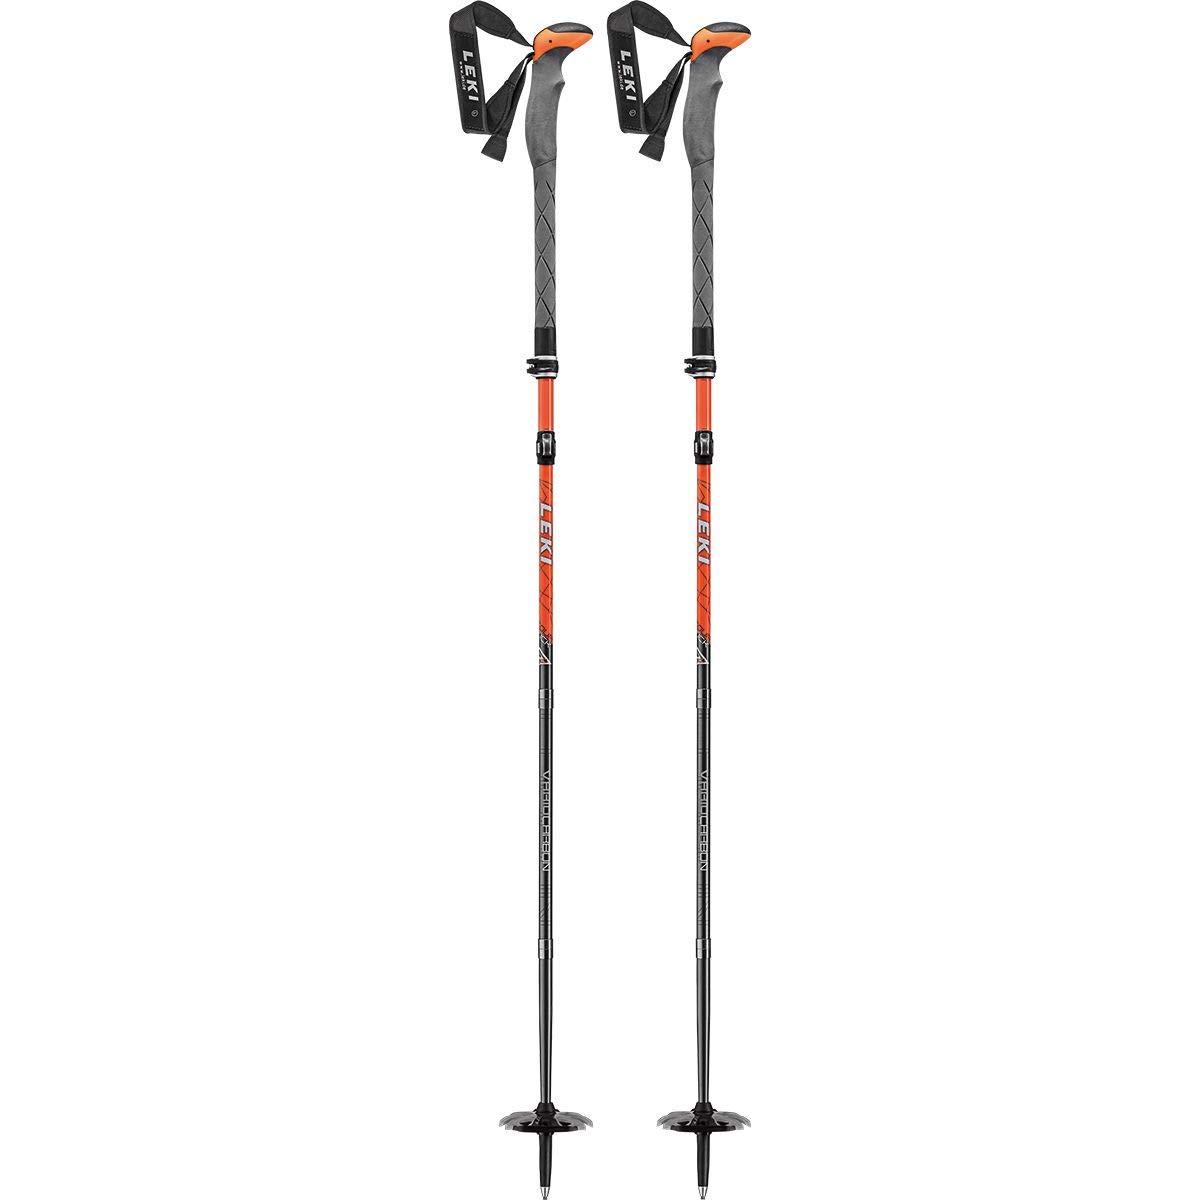 LEKI Tour Stick Vario Carbon Ski Pole Pair